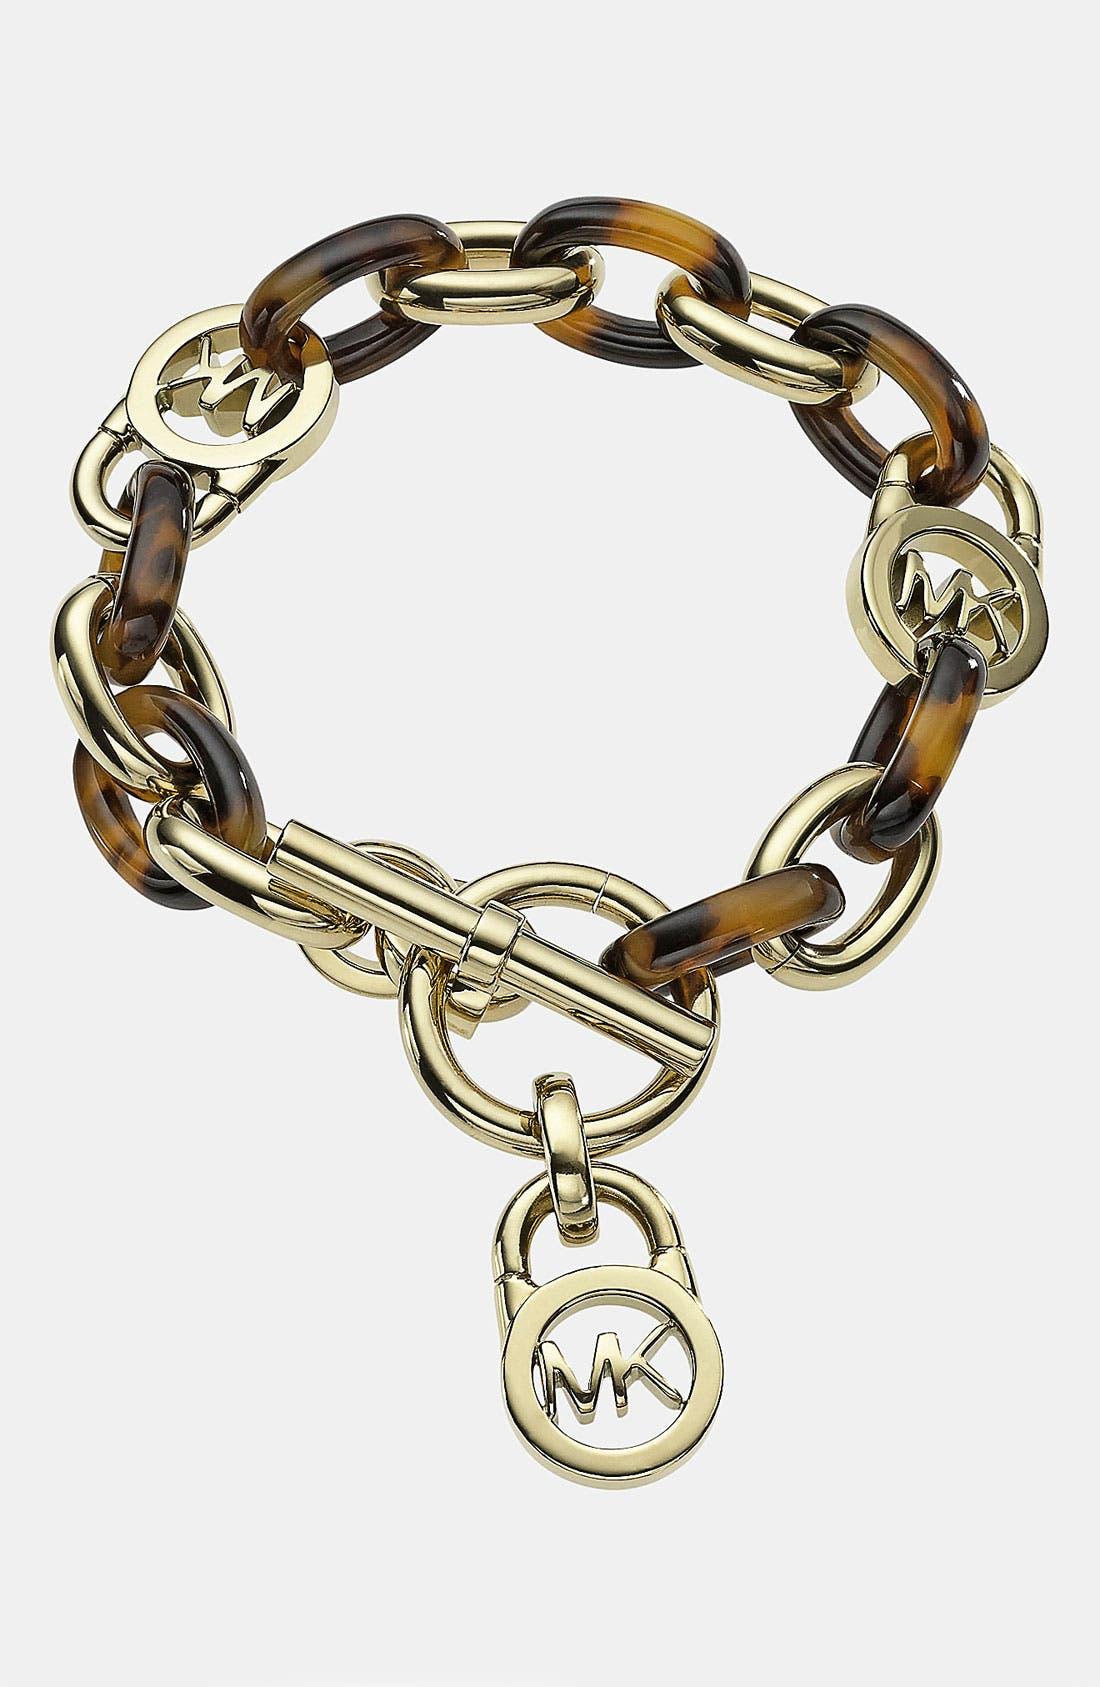 Alternate Image 1 Selected - Michael Kors 'Heritage Link' Toggle Bracelet